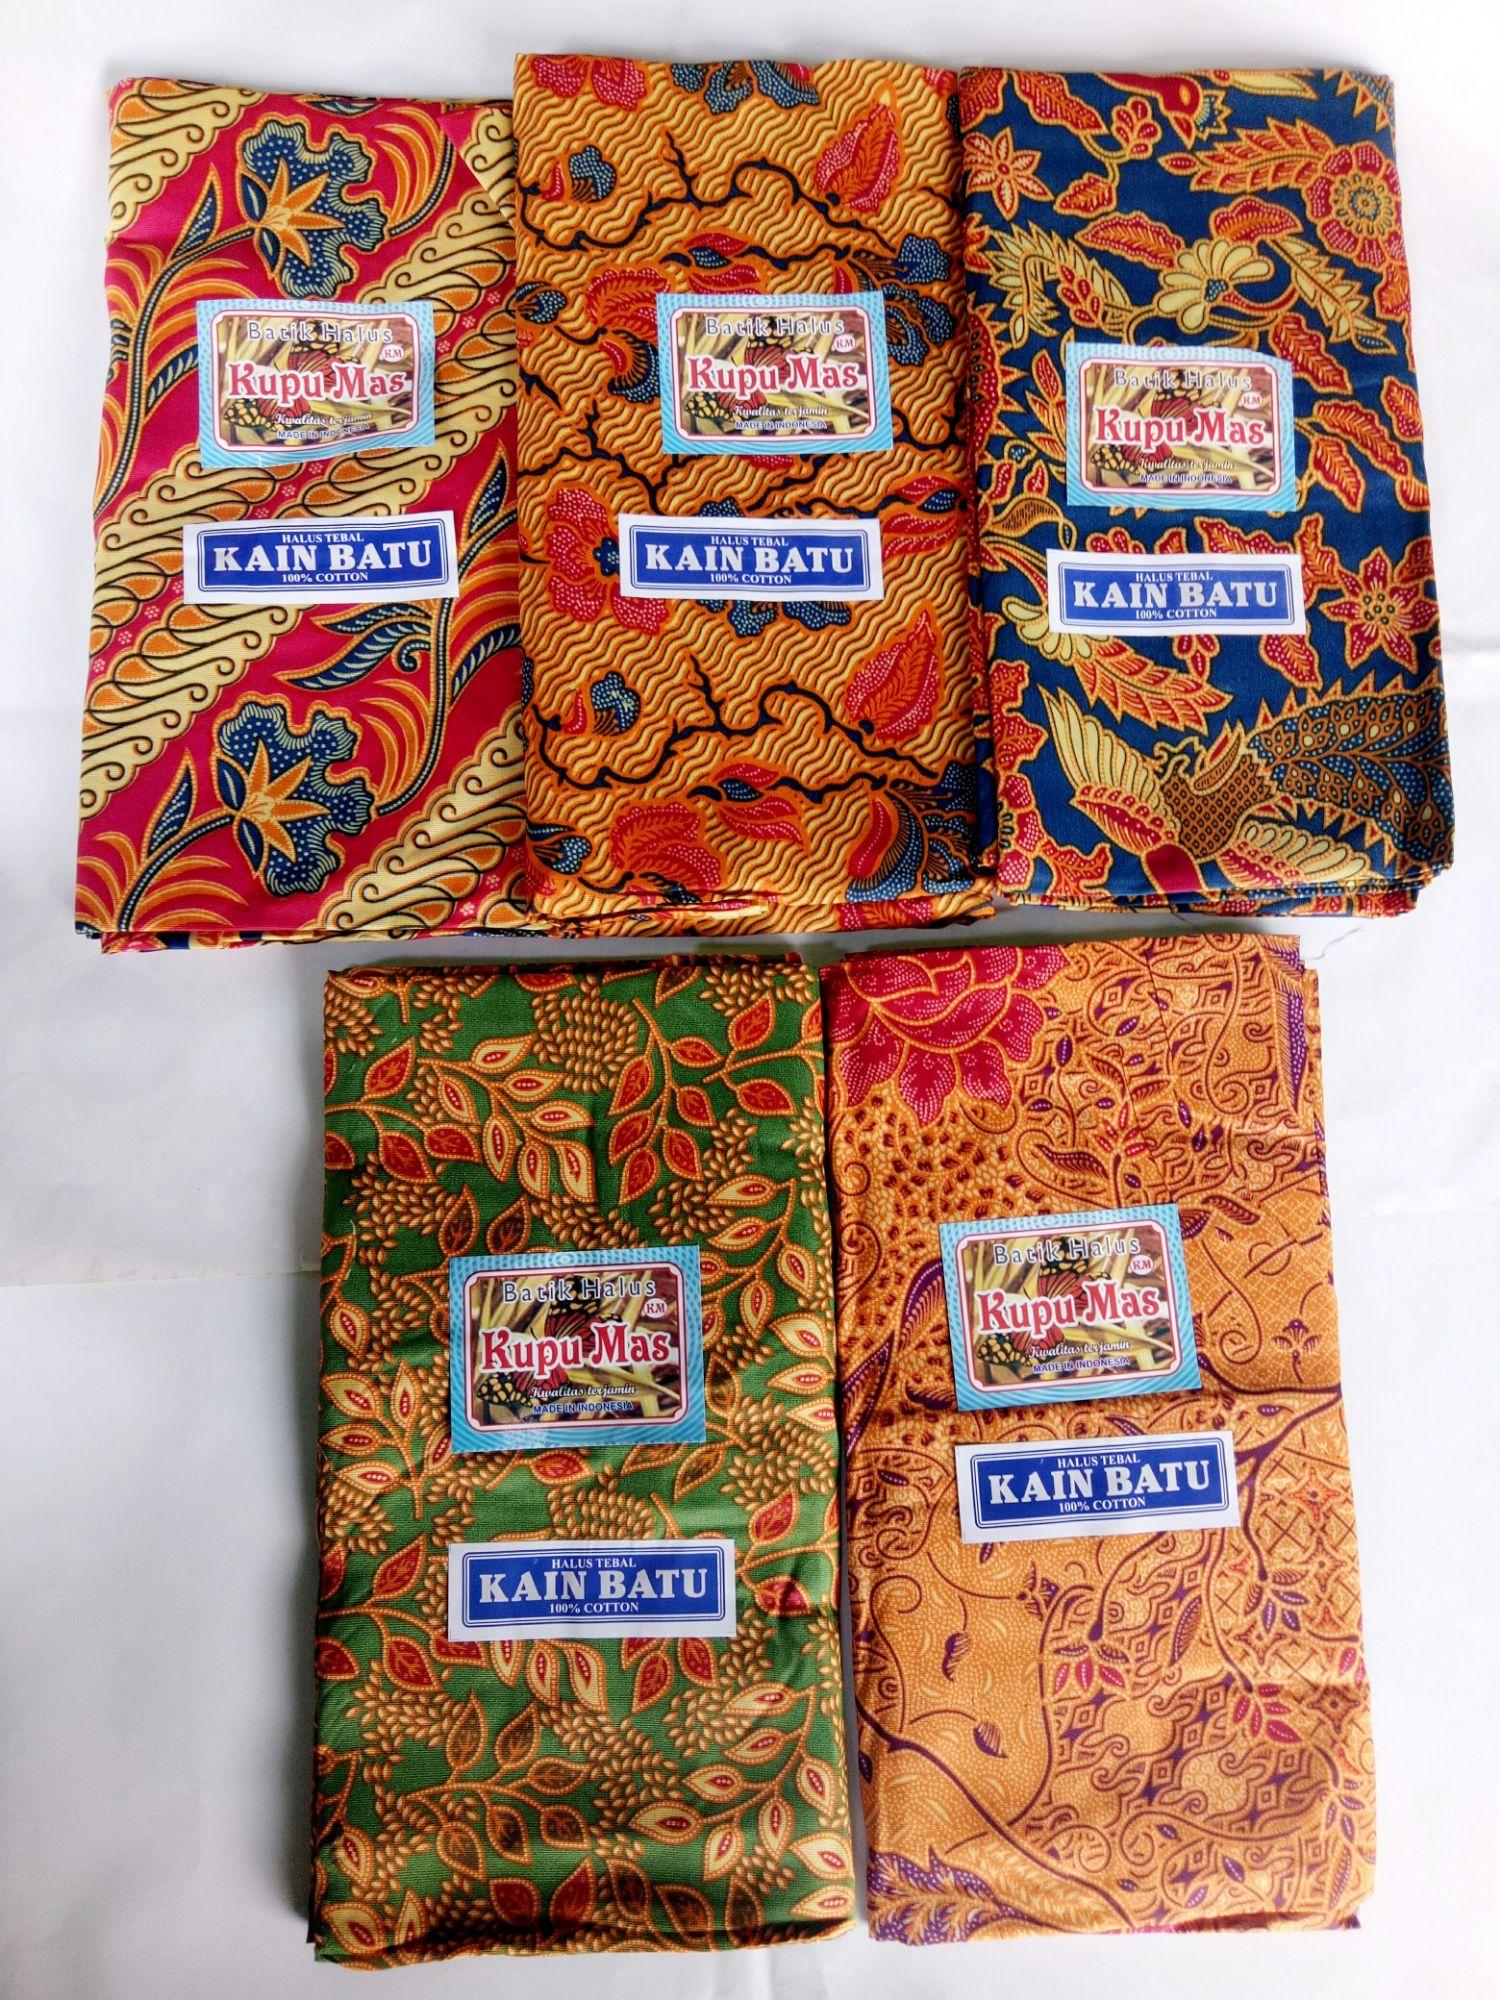 Jual Produk Kain Batik Terlengkap Murah   Lazada.co.id